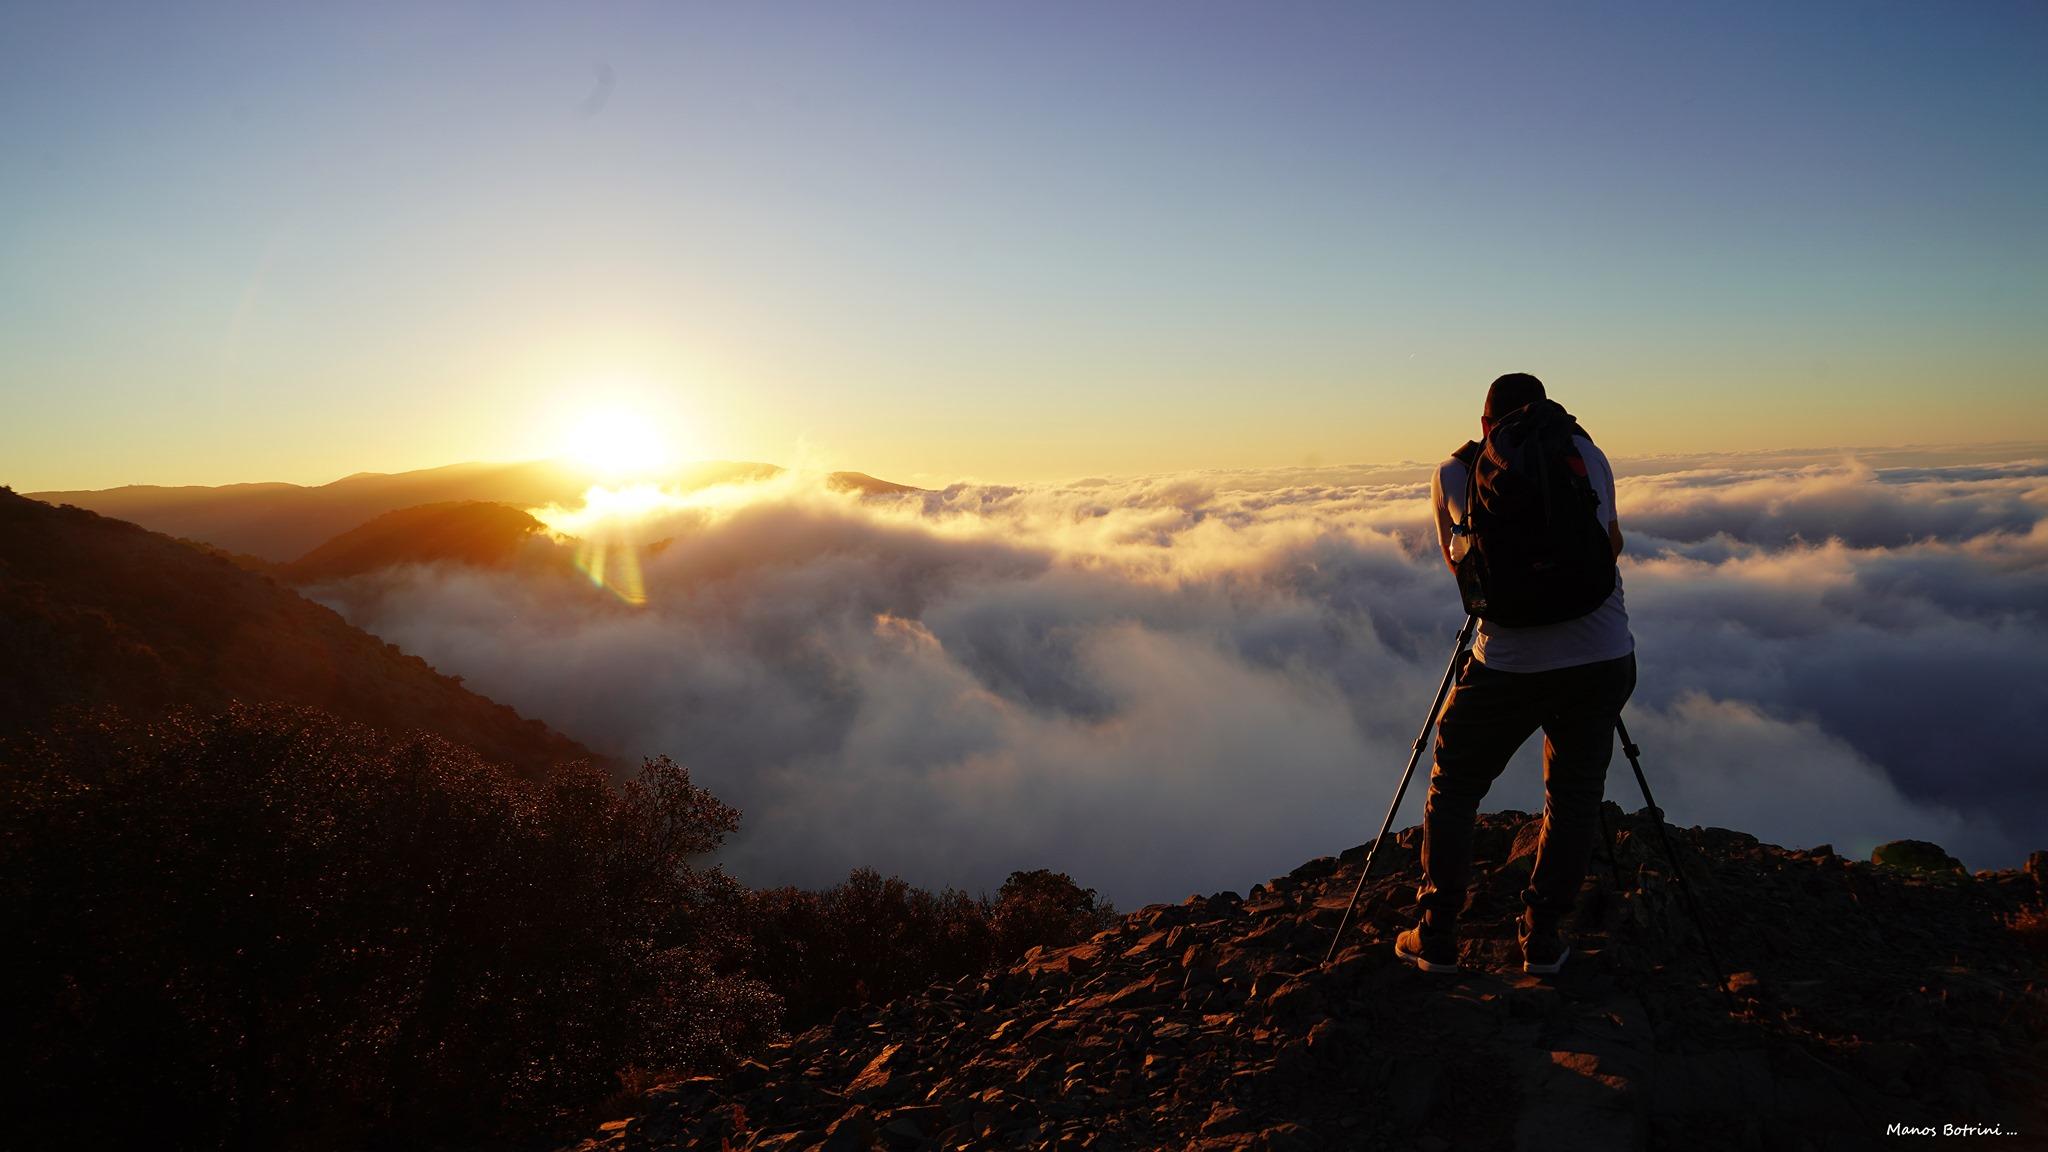 Τα Τεισιά της Μαδαρής - Ένα παραδεισένιο μονοπάτι ανάμεσα στα σύννεφα (Photos)